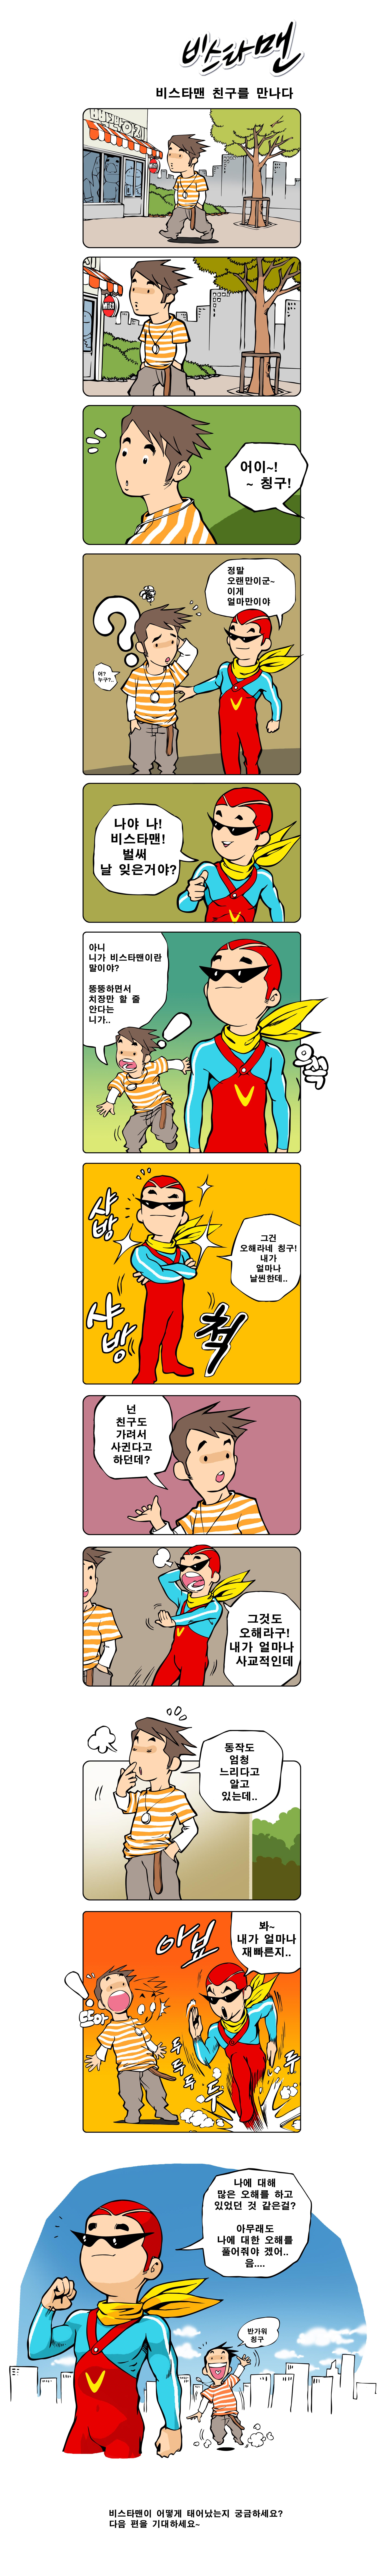 비스타맨1편_최종2.jpg